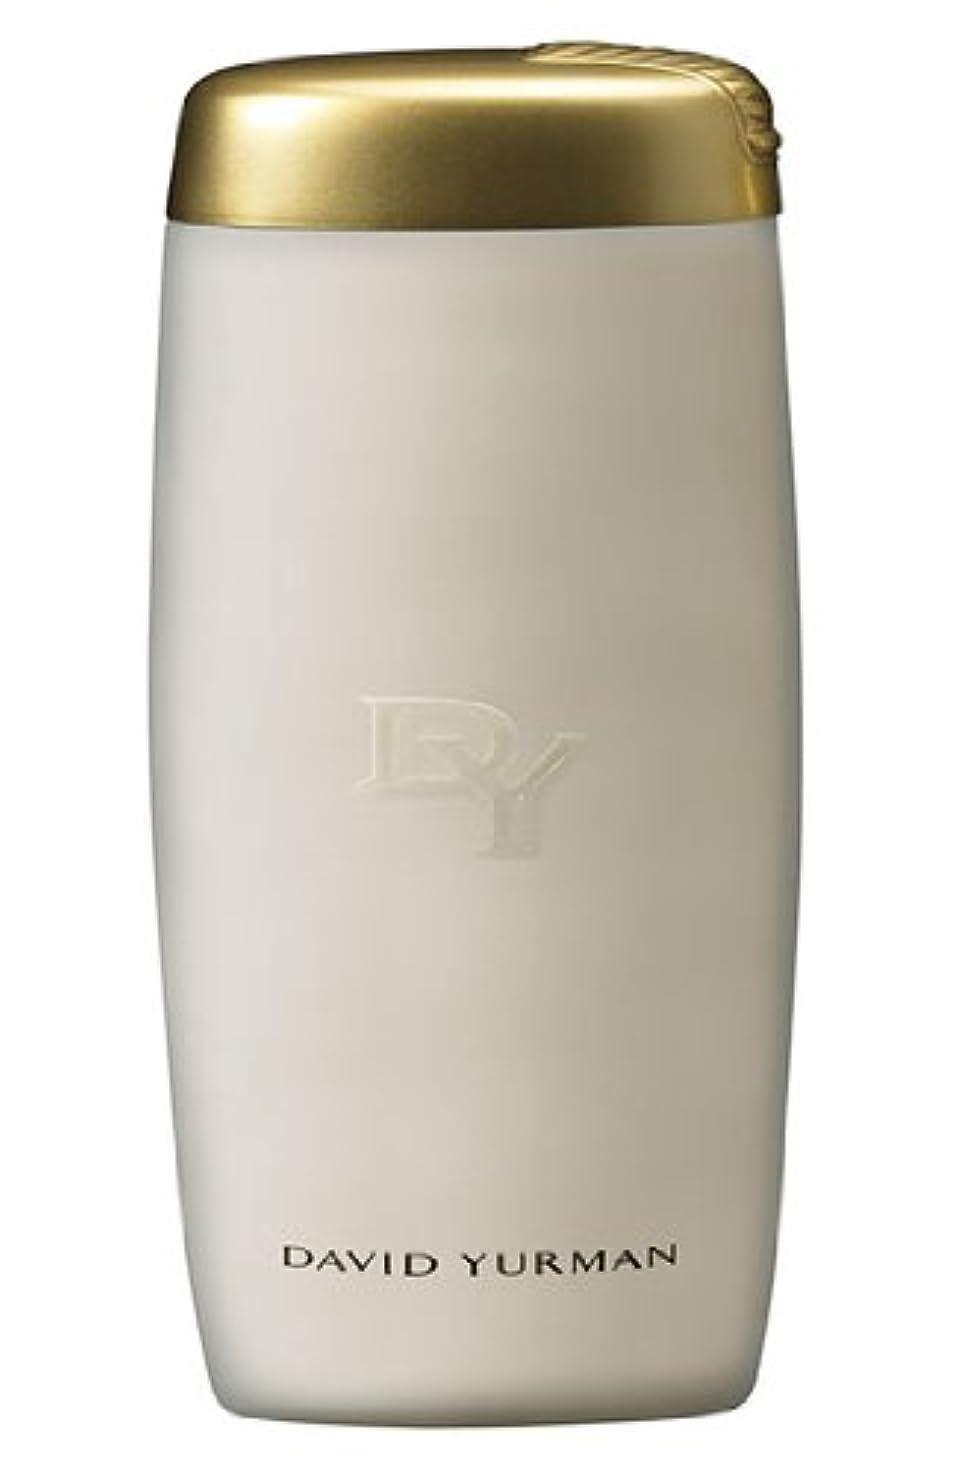 血まみれゴネリルシェーバーDavid Yurman (デイビッド ヤーマン) 6.7 oz (100ml) Luxurious Bath & Shower Gel (箱なし) for Women